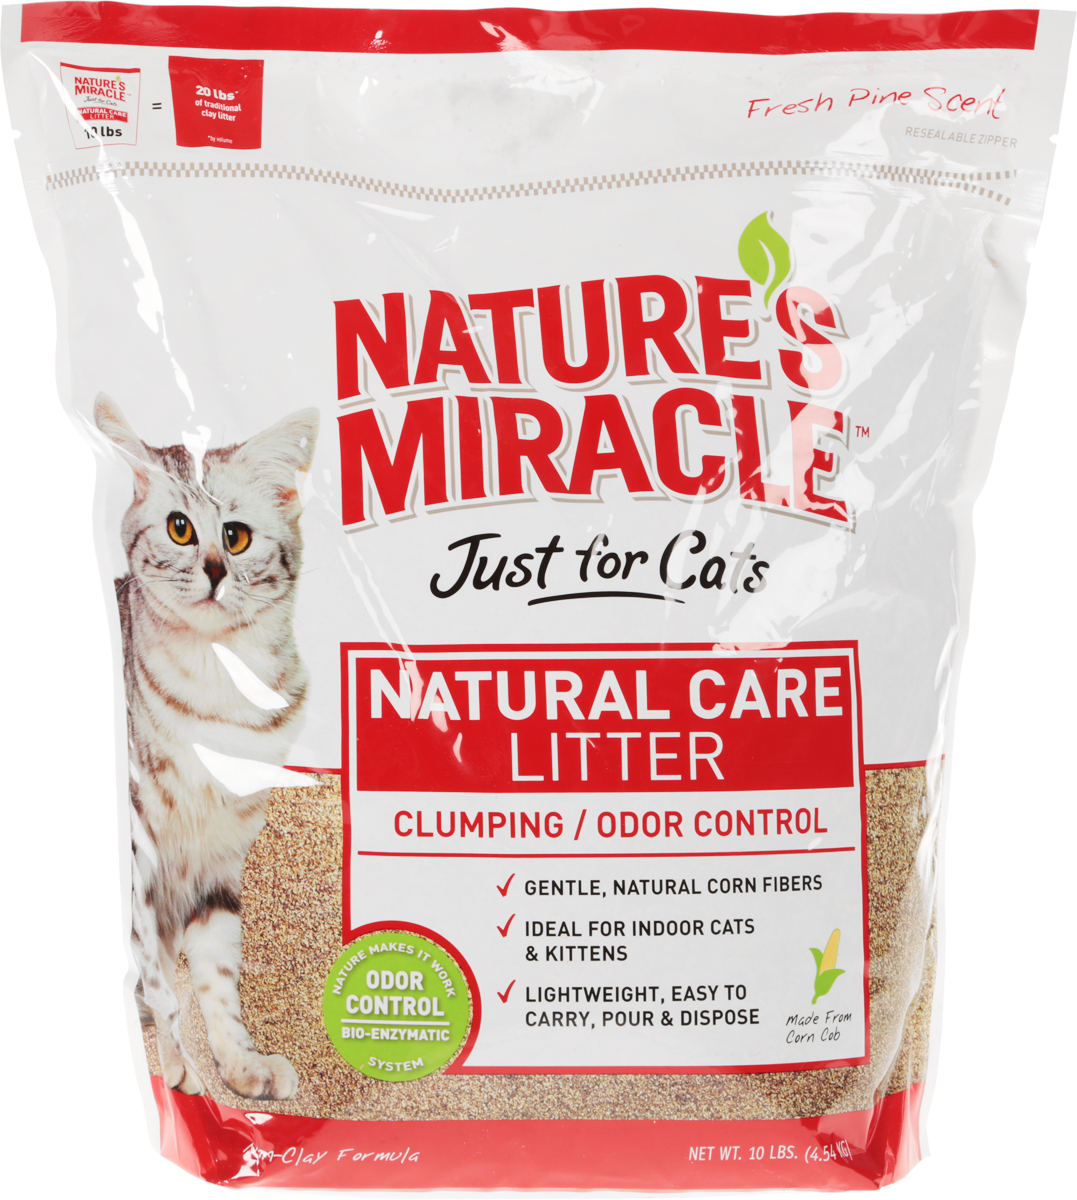 Наполнитель кукурузный для кошачьего туалета 8 in 1  Nature's Miracle , комкующийся, 4,5 кг - Наполнители и туалетные принадлежности